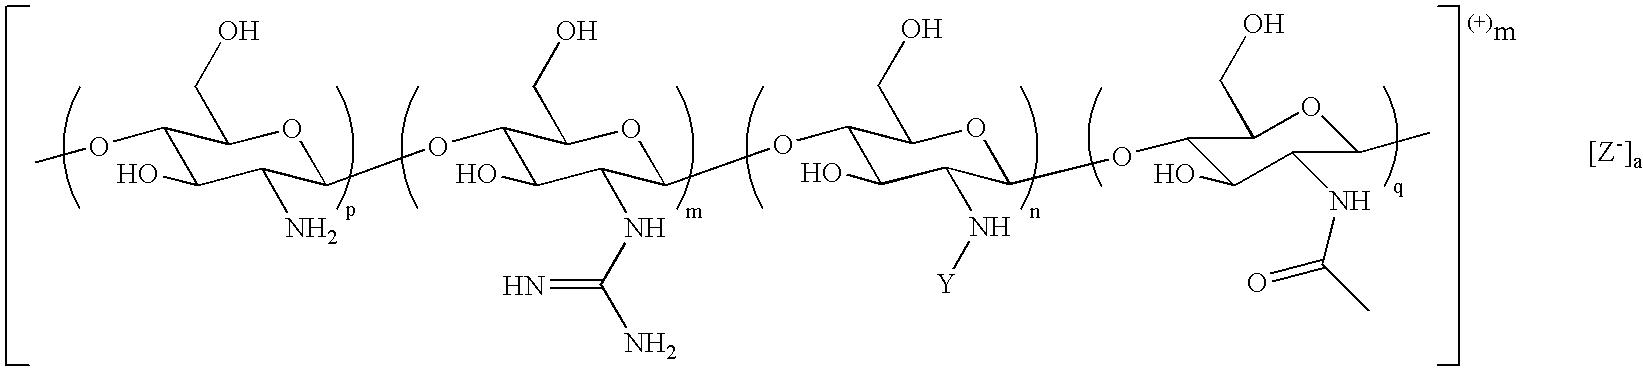 Figure US20070281904A1-20071206-C00063